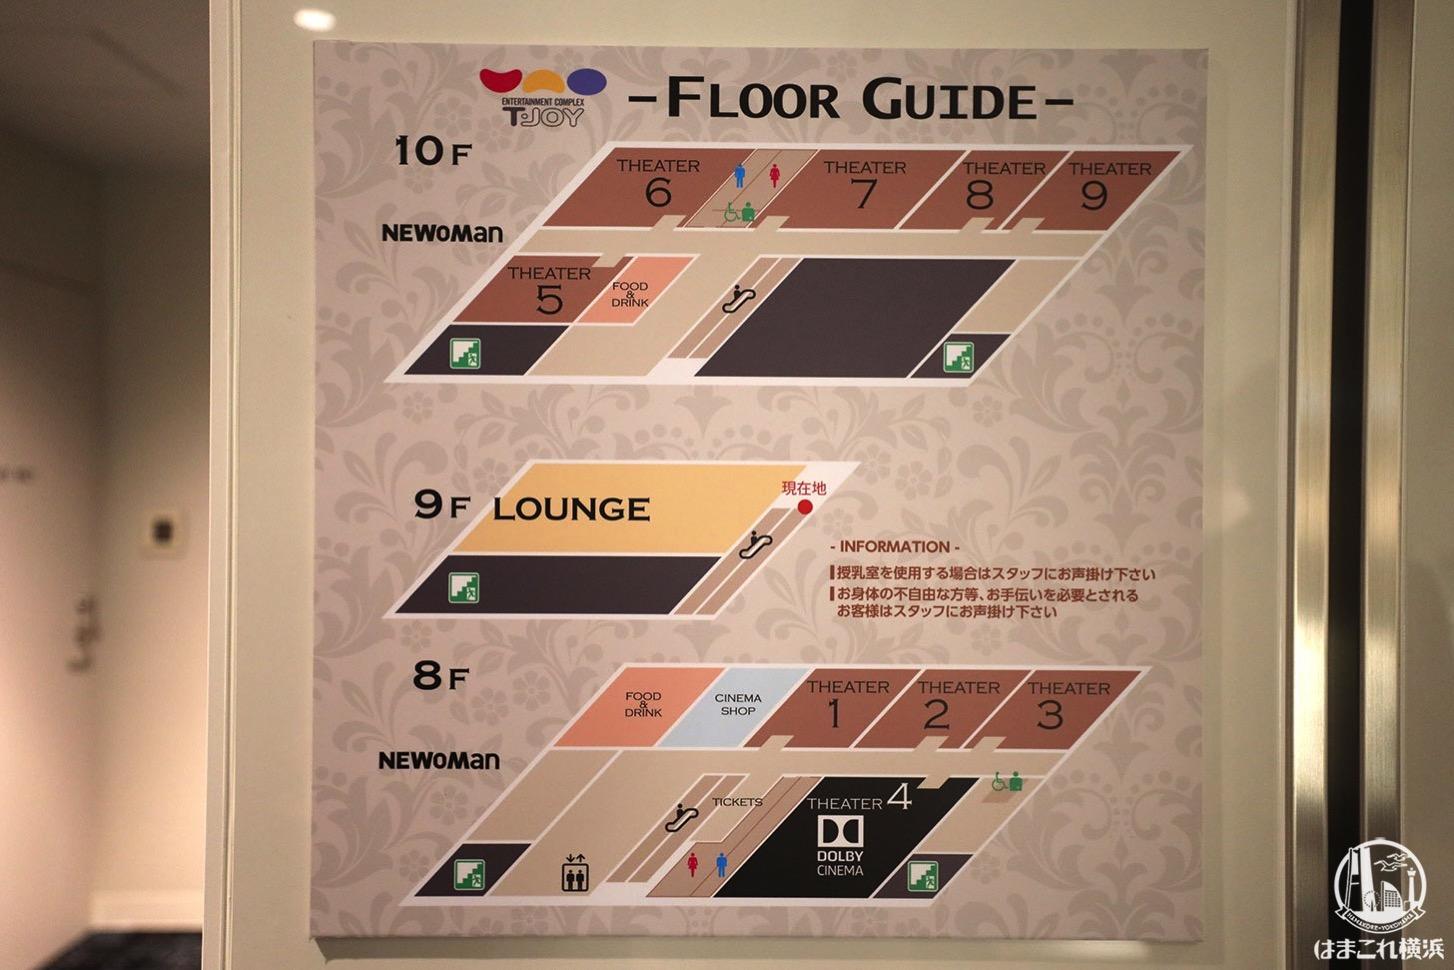 横浜駅 映画館「T・ジョイ横浜」フロアガイド